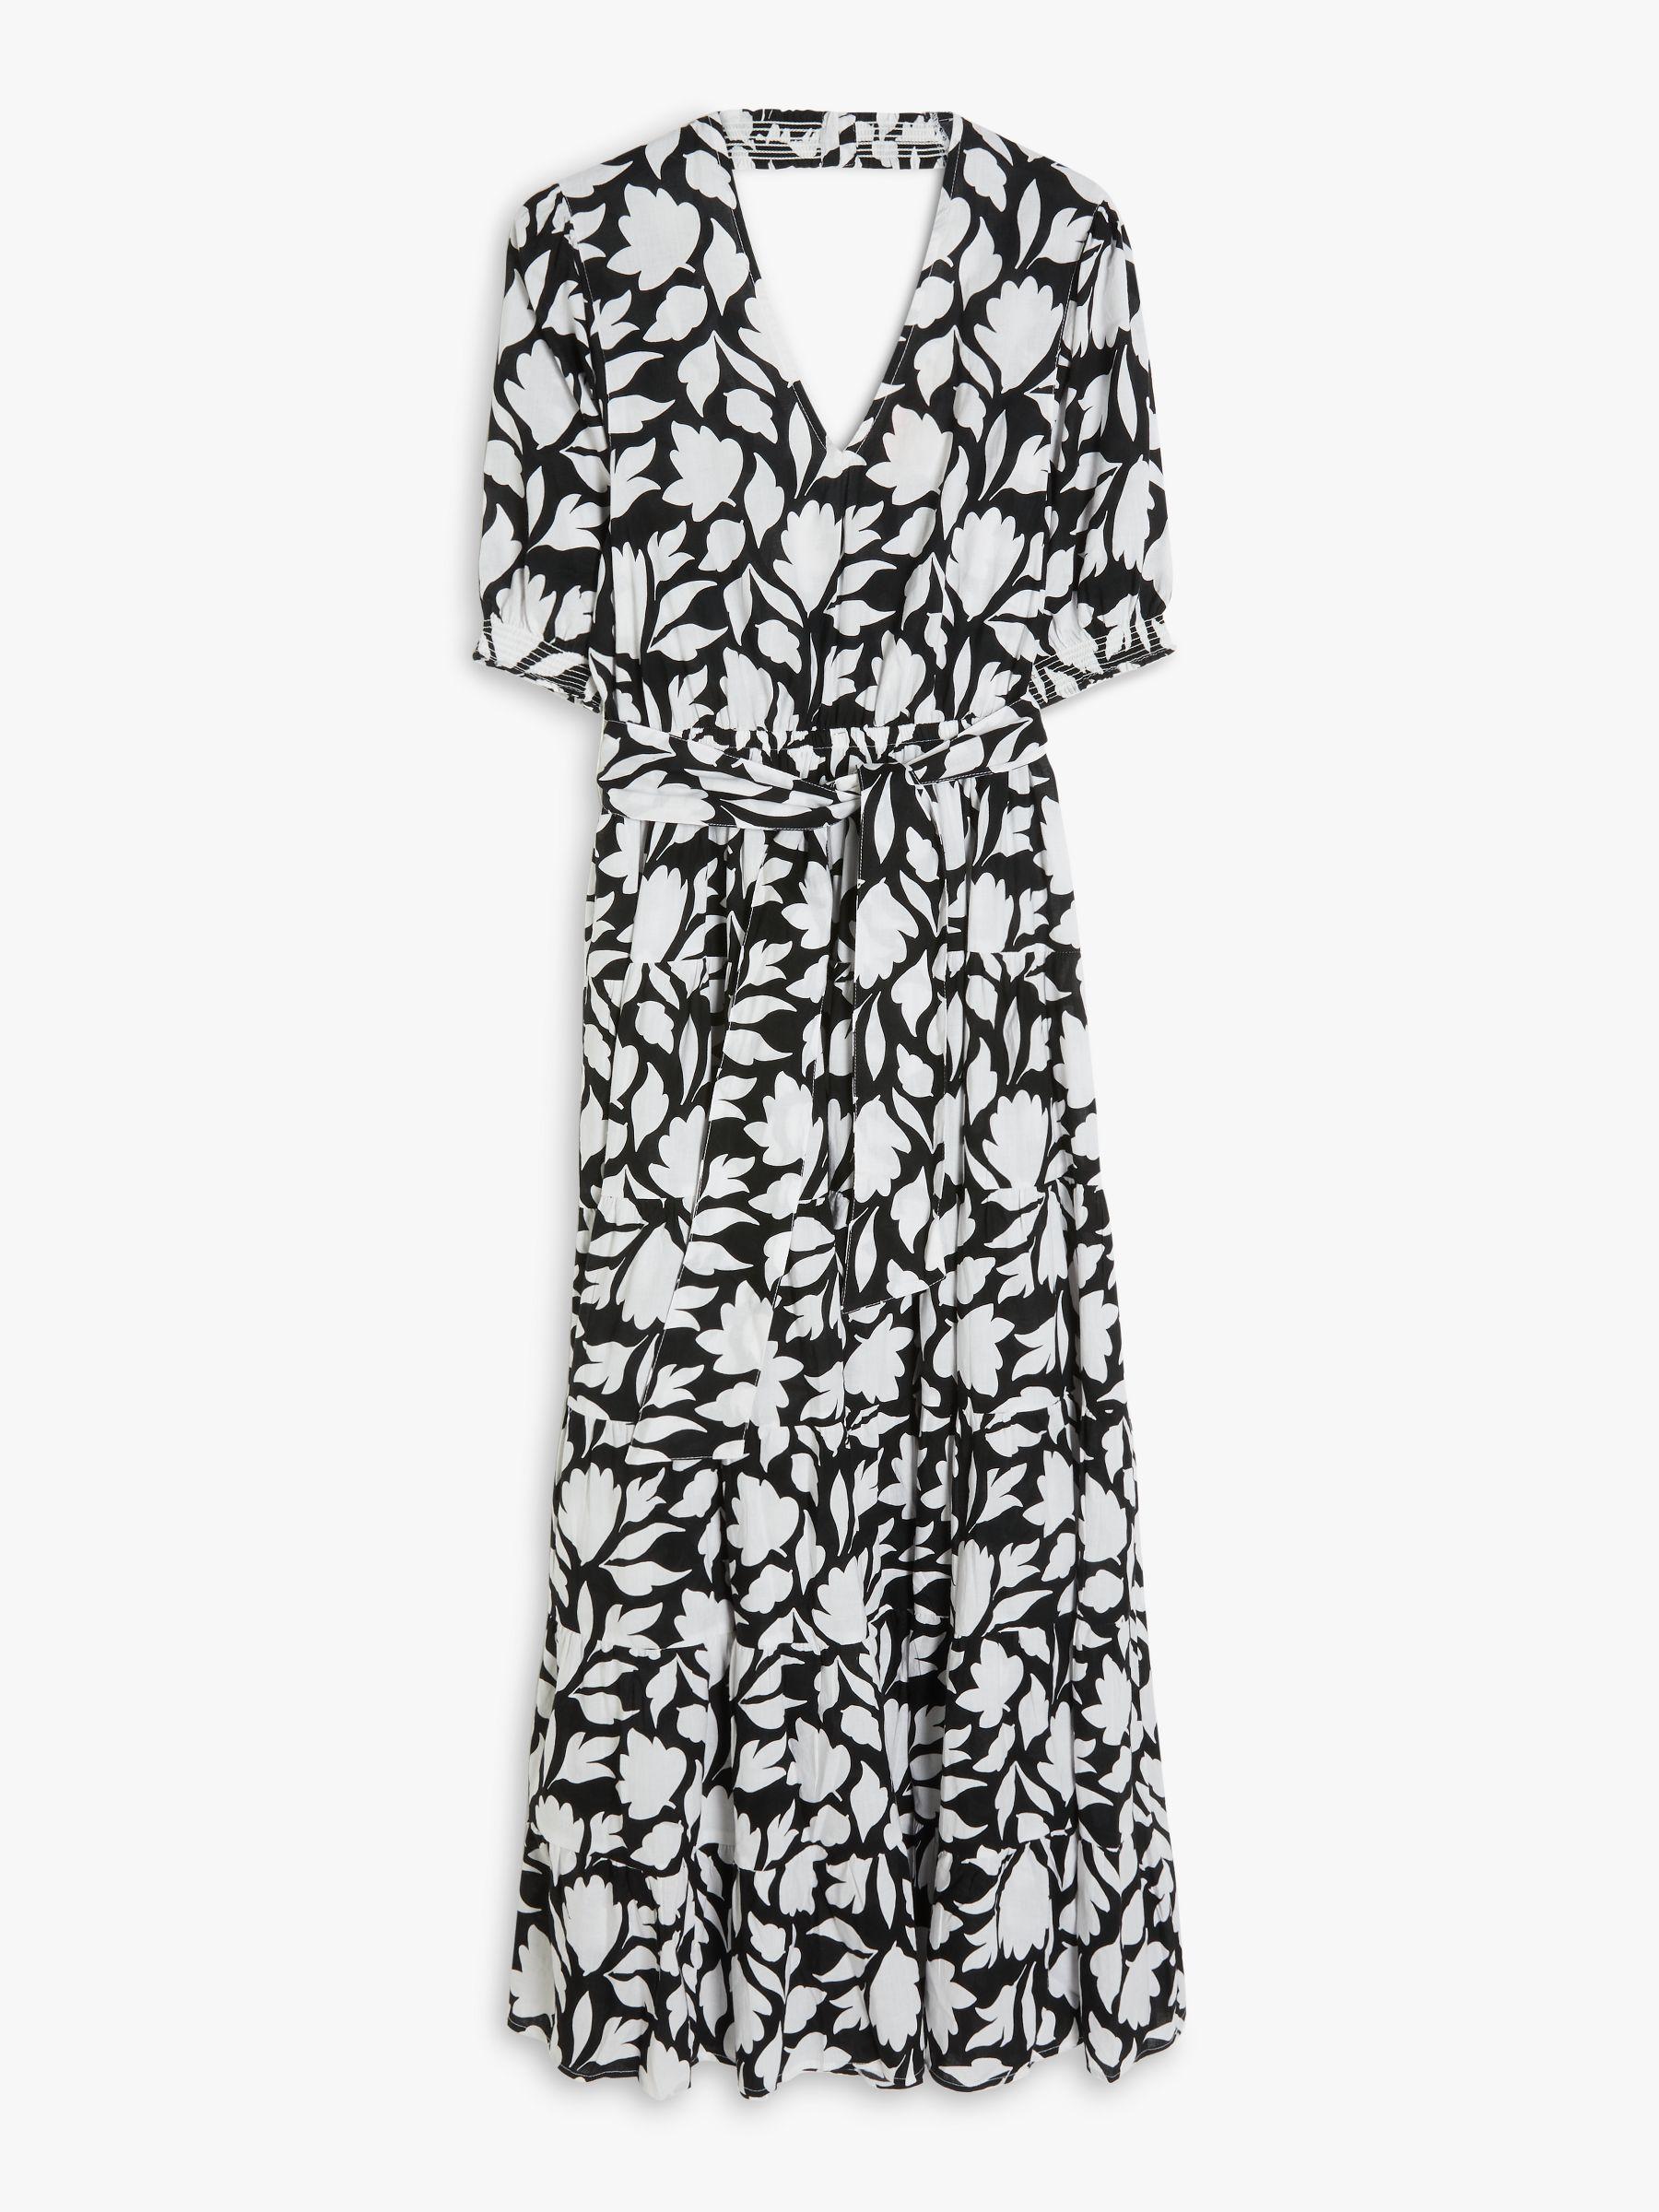 AND/OR La Galeria Elefante Lyrical Block Floral Dress, Black